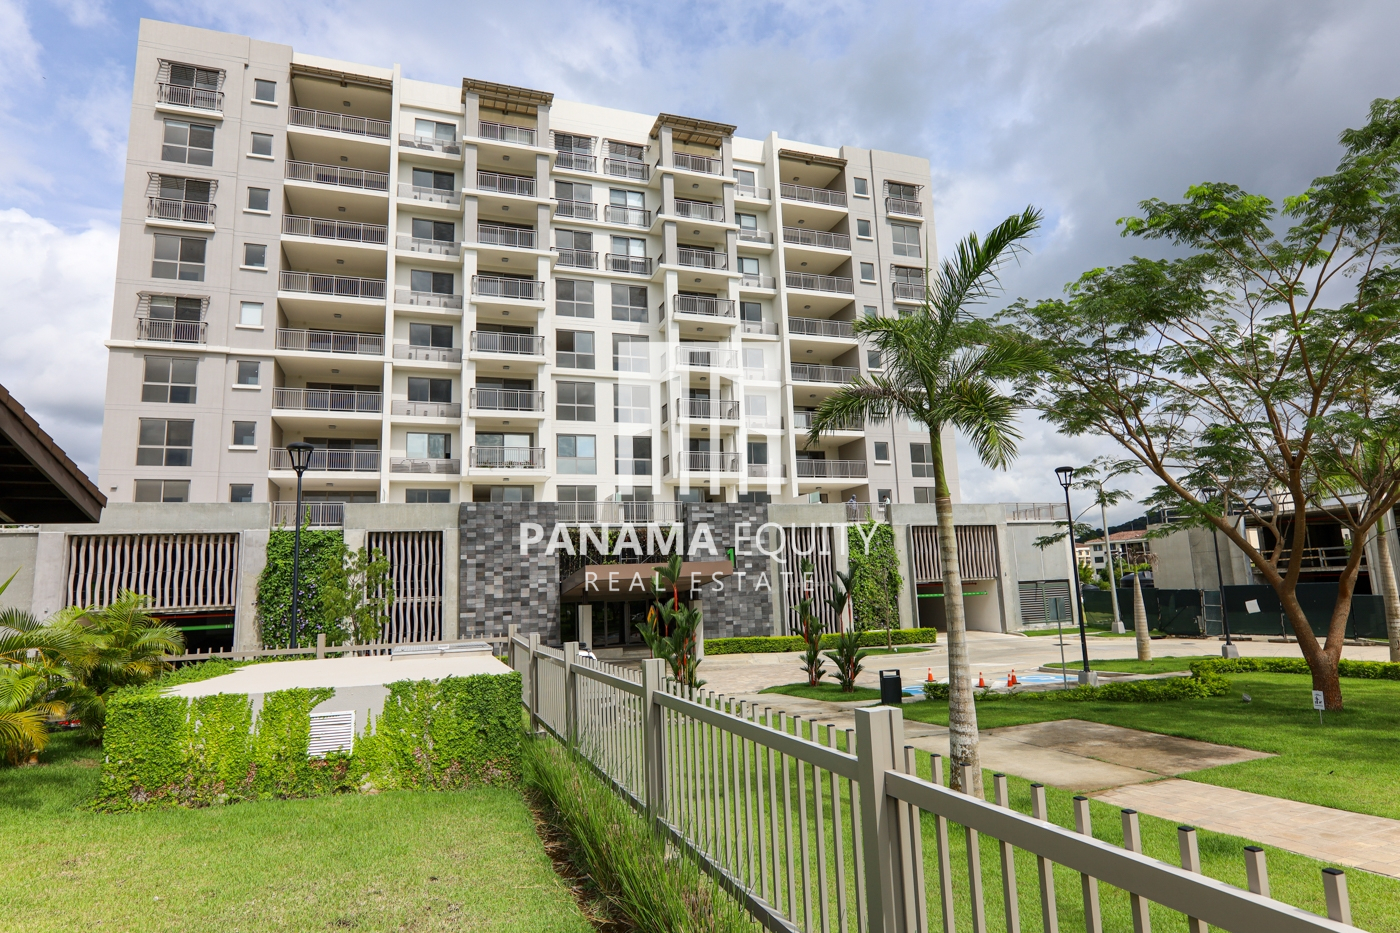 Se renta precioso apartamento a estrenar Explora en Panamá Pacifico